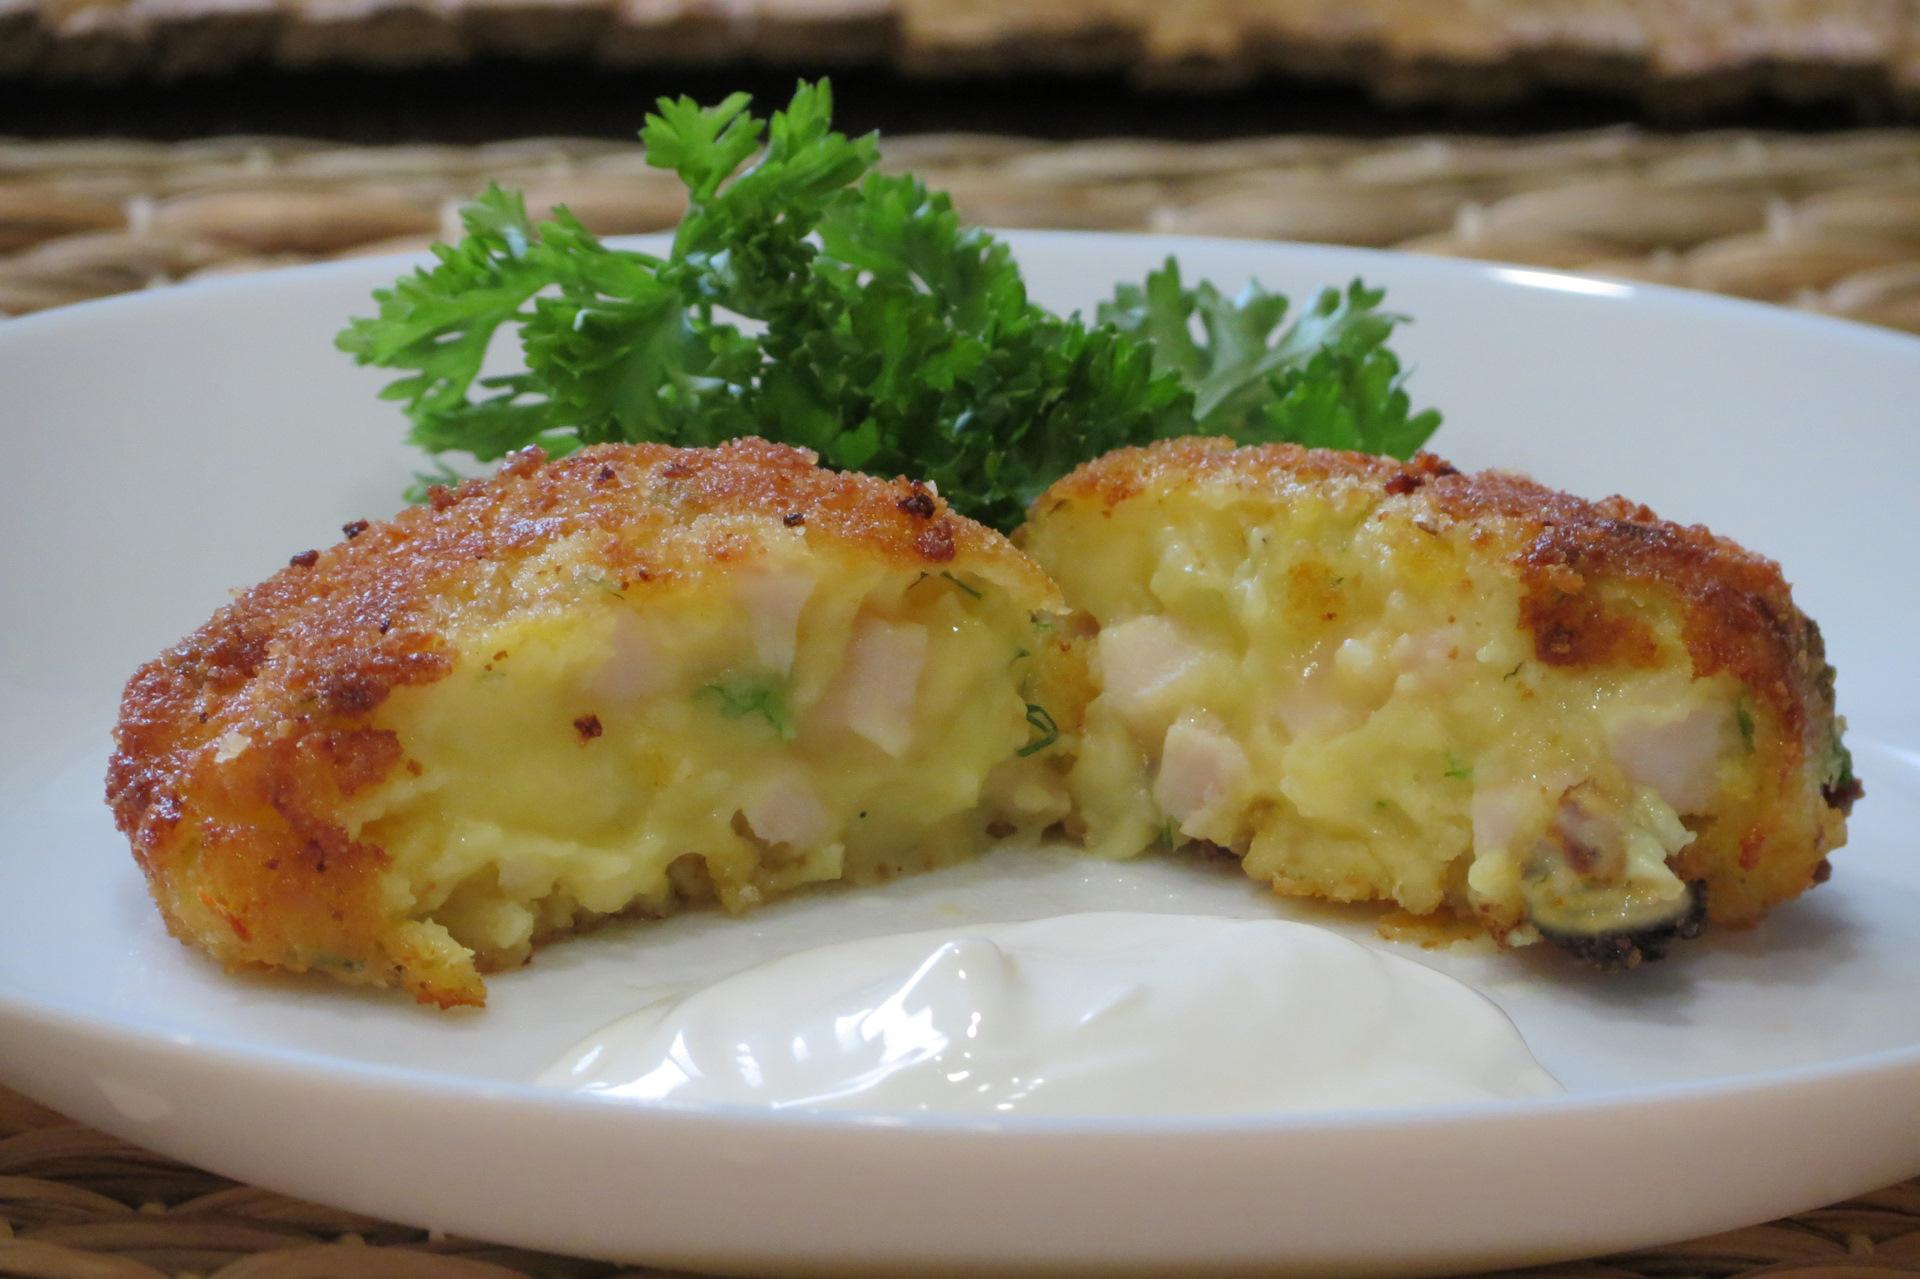 блюда из картофельного пюре рецепты с фото она представила